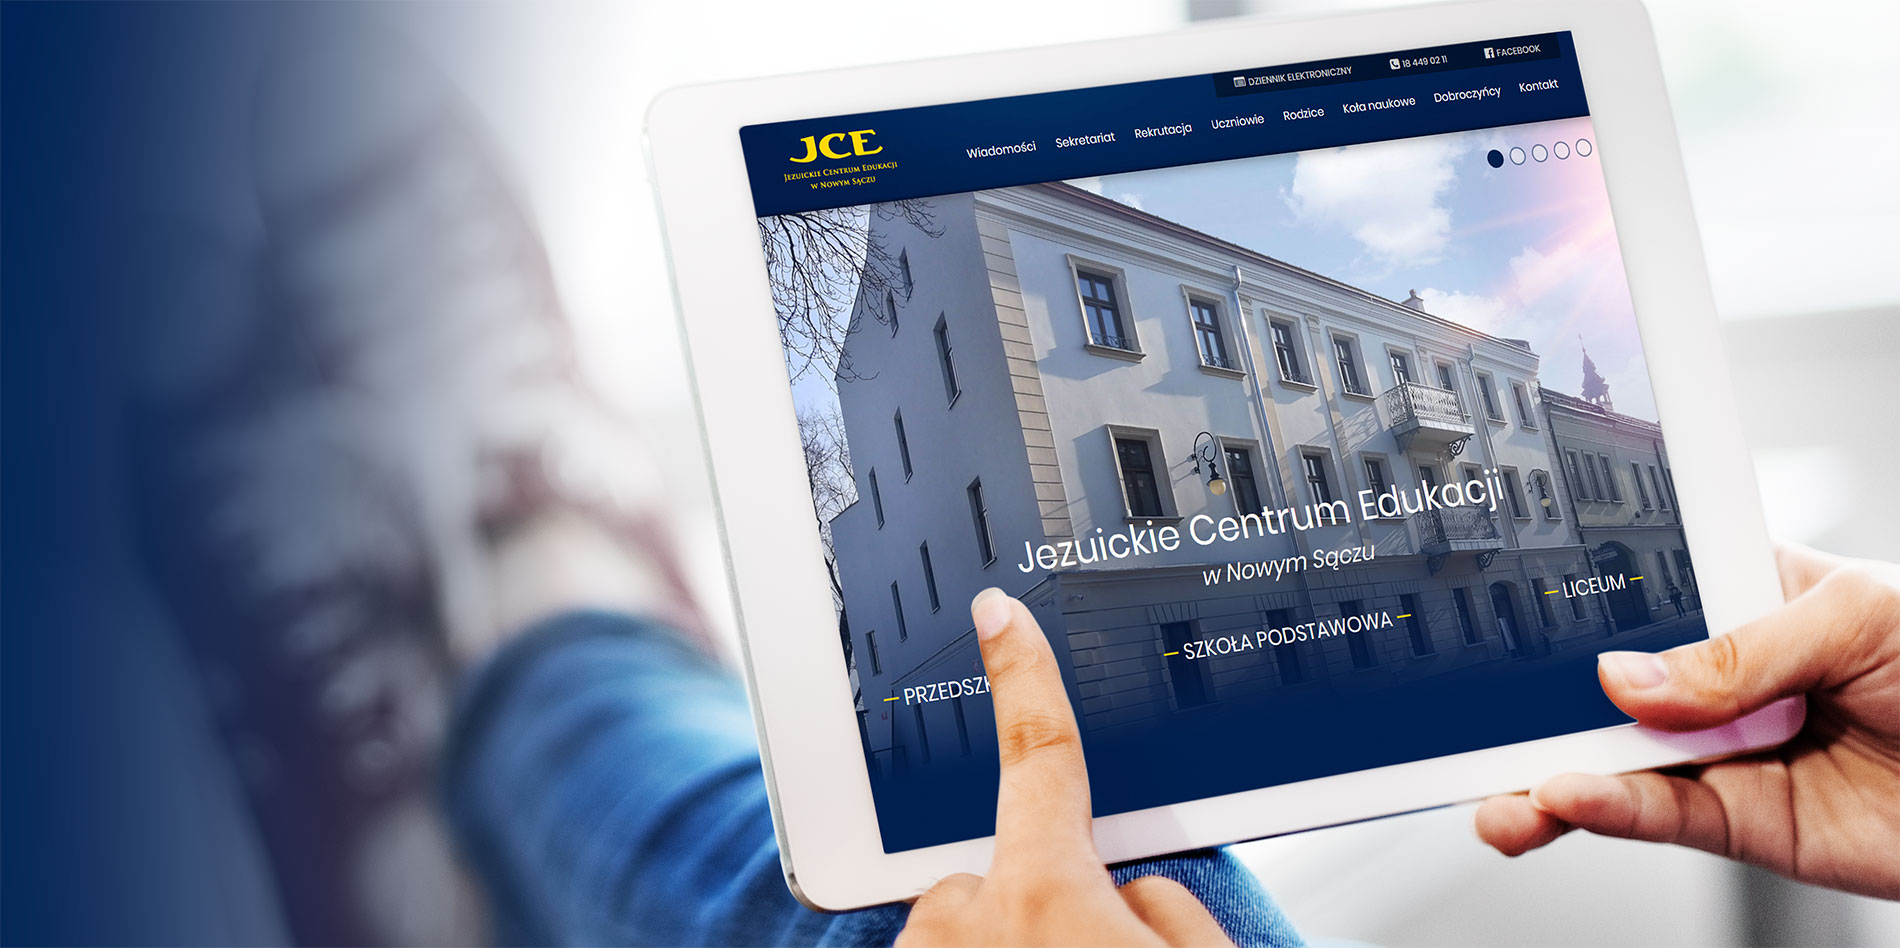 Jezuickie Centrum Edukacji / <span>Zespół Szkół</span>